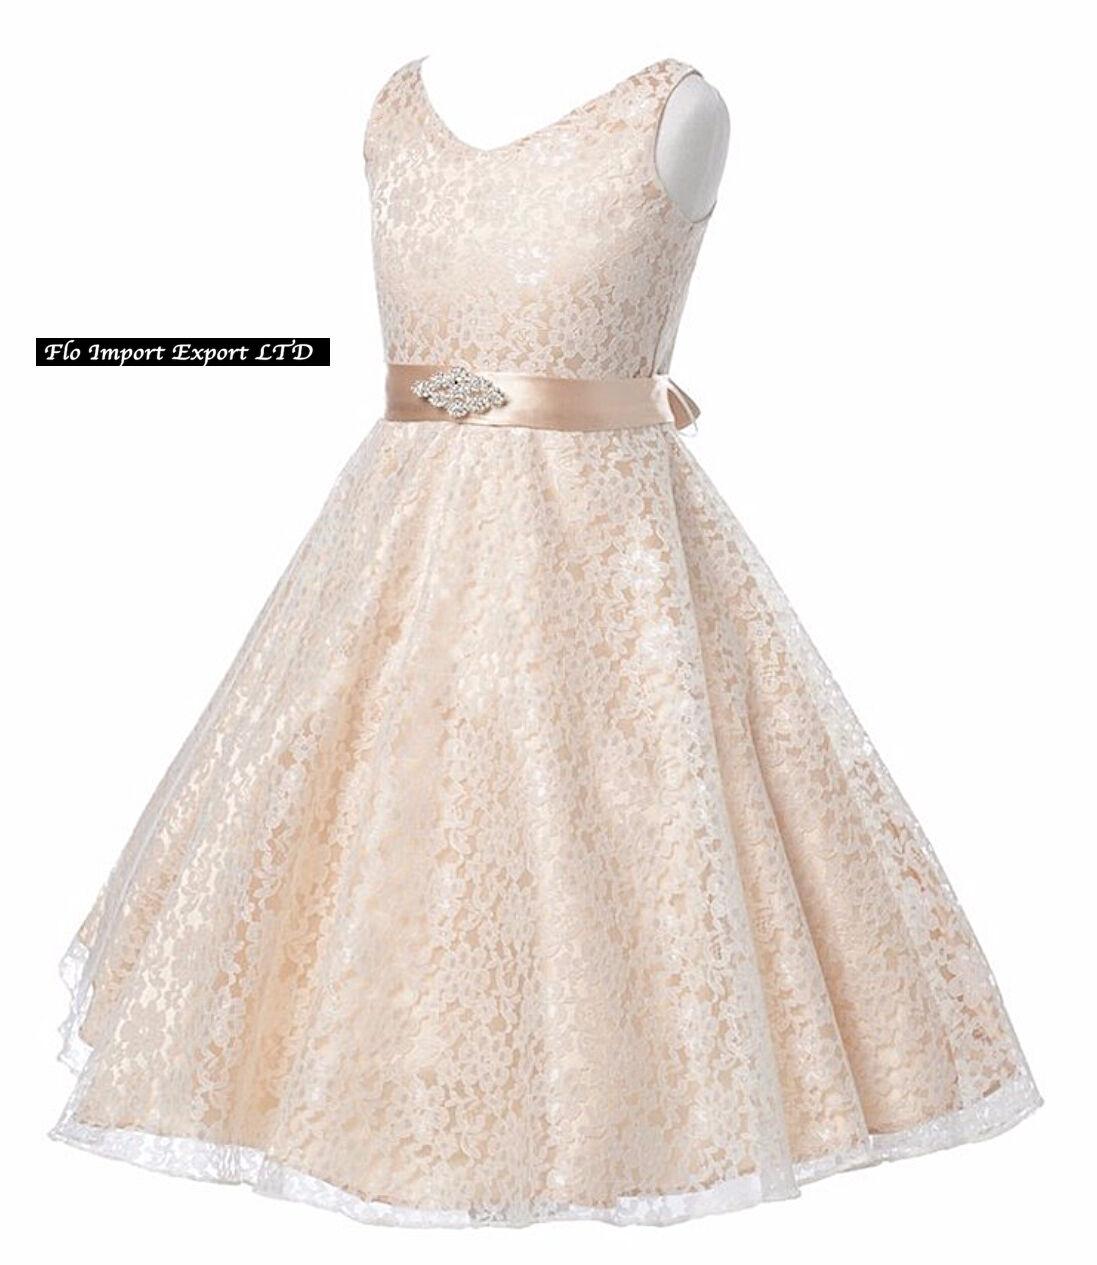 719434c98712 Vestito Bambina Abito Cerimonia Pizzo Elegante Girl Party Princess ...